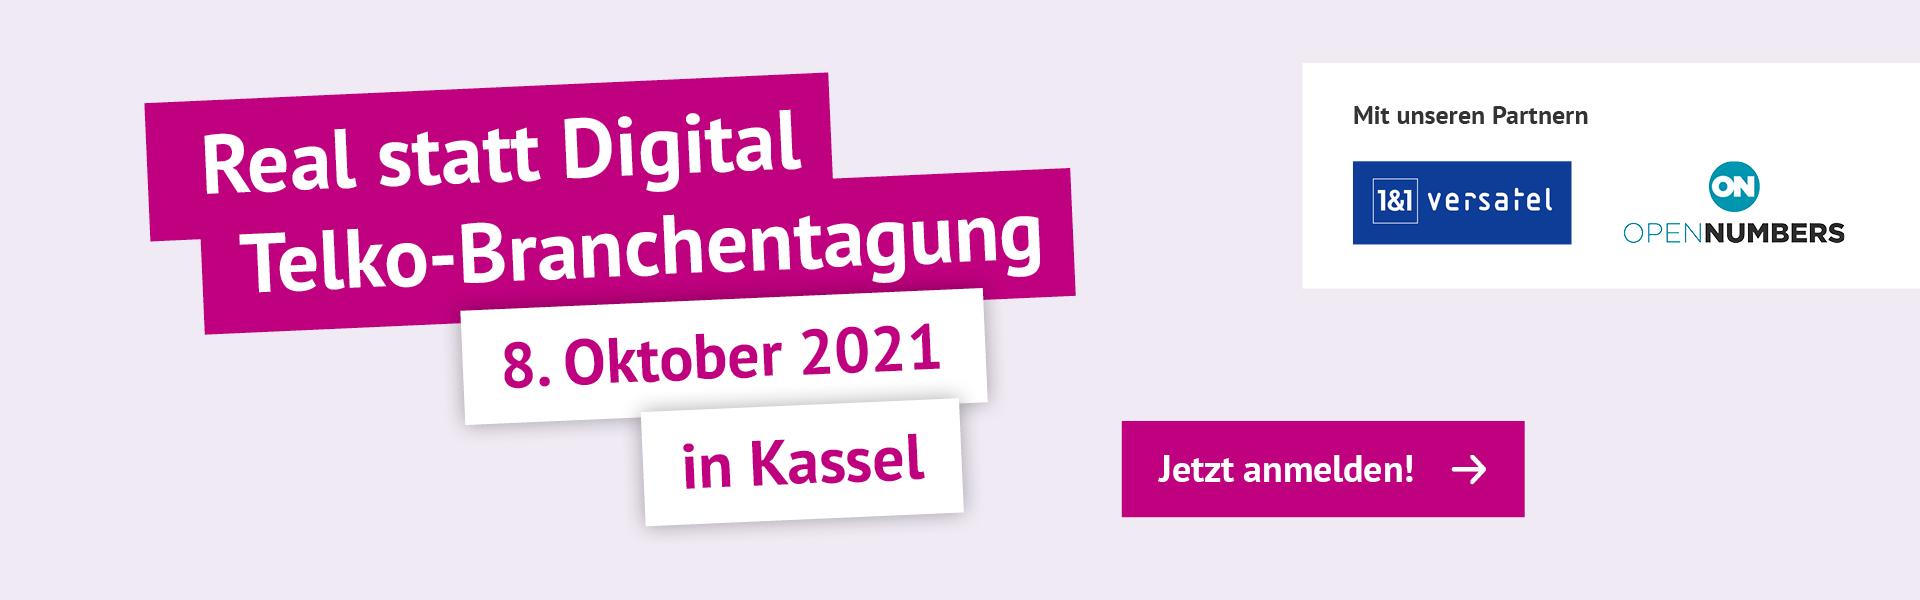 2. Telko-Branchentagung in Kassel